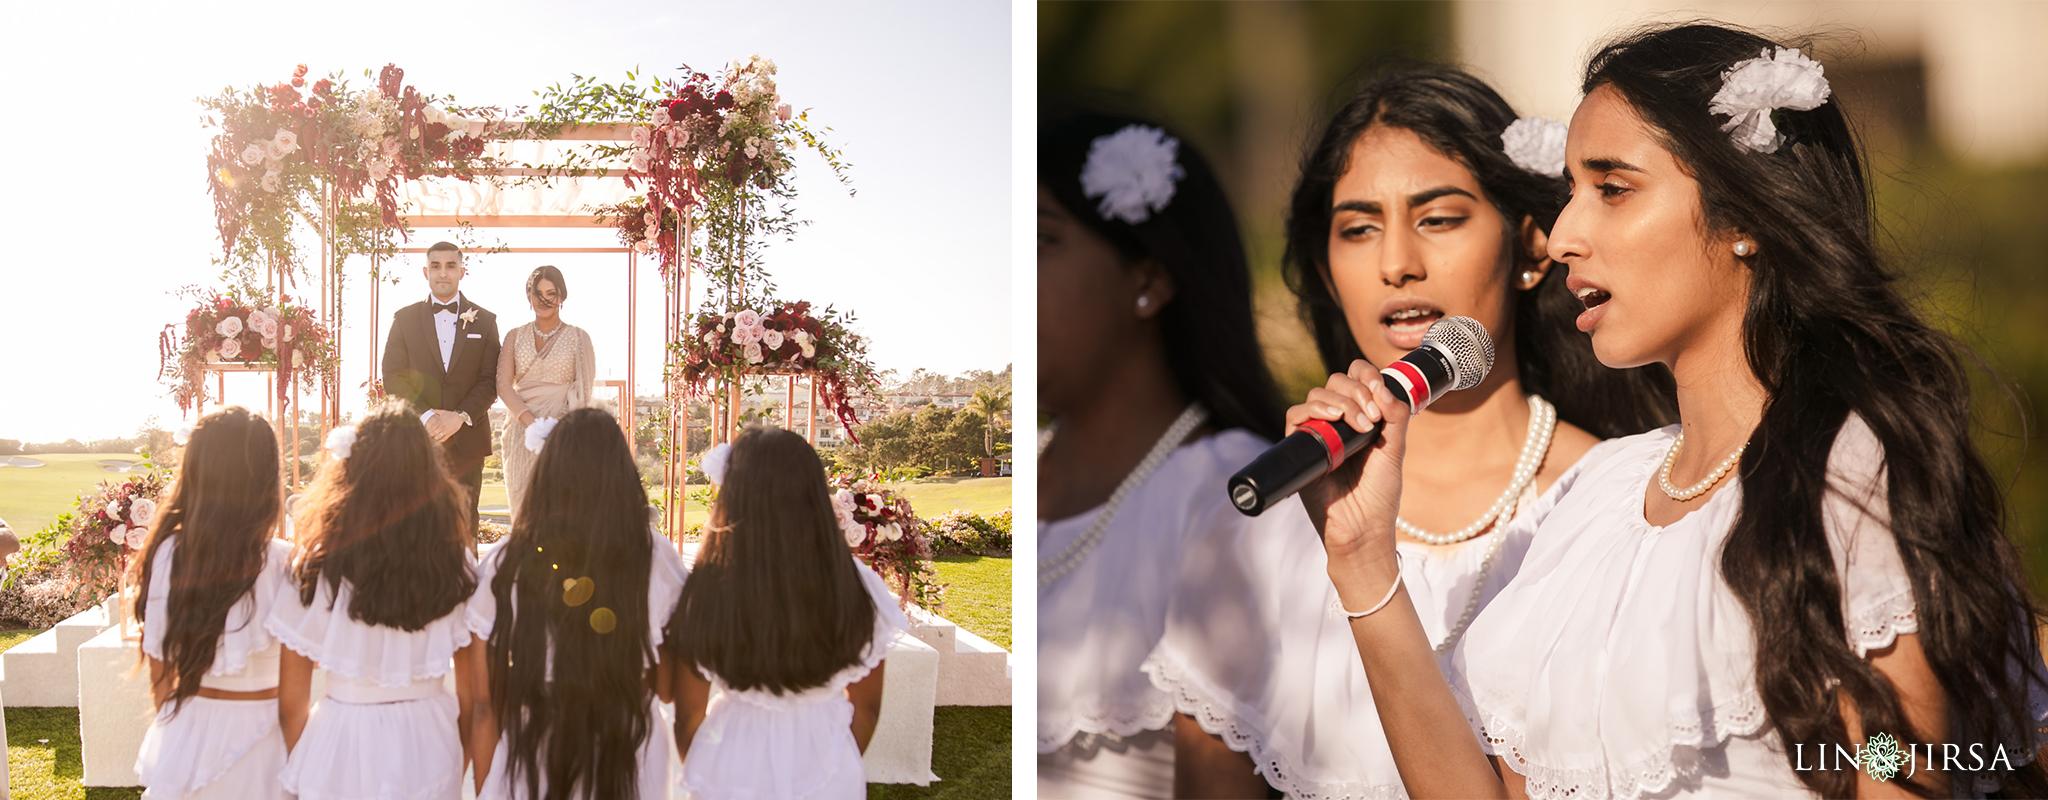 26 Monarch Beach Resort Dana Point Sinhalese Wedding Photography